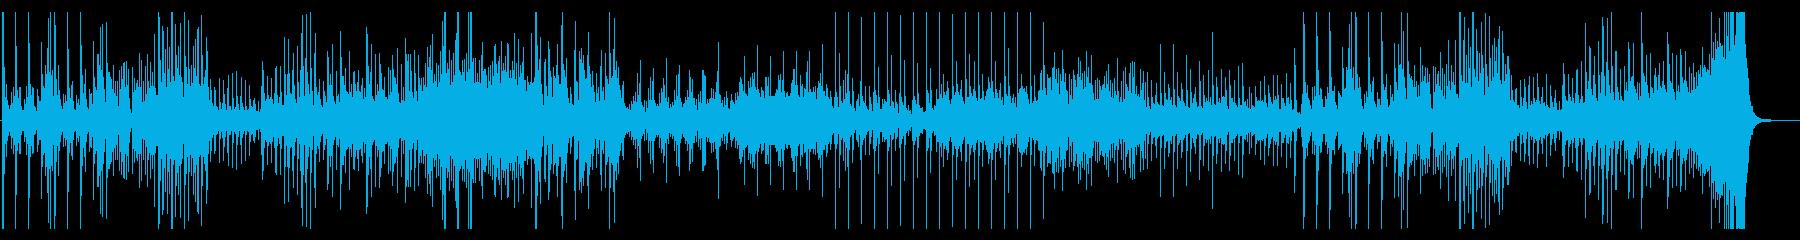 オーケストラ楽器。冒険的な「ファン...の再生済みの波形